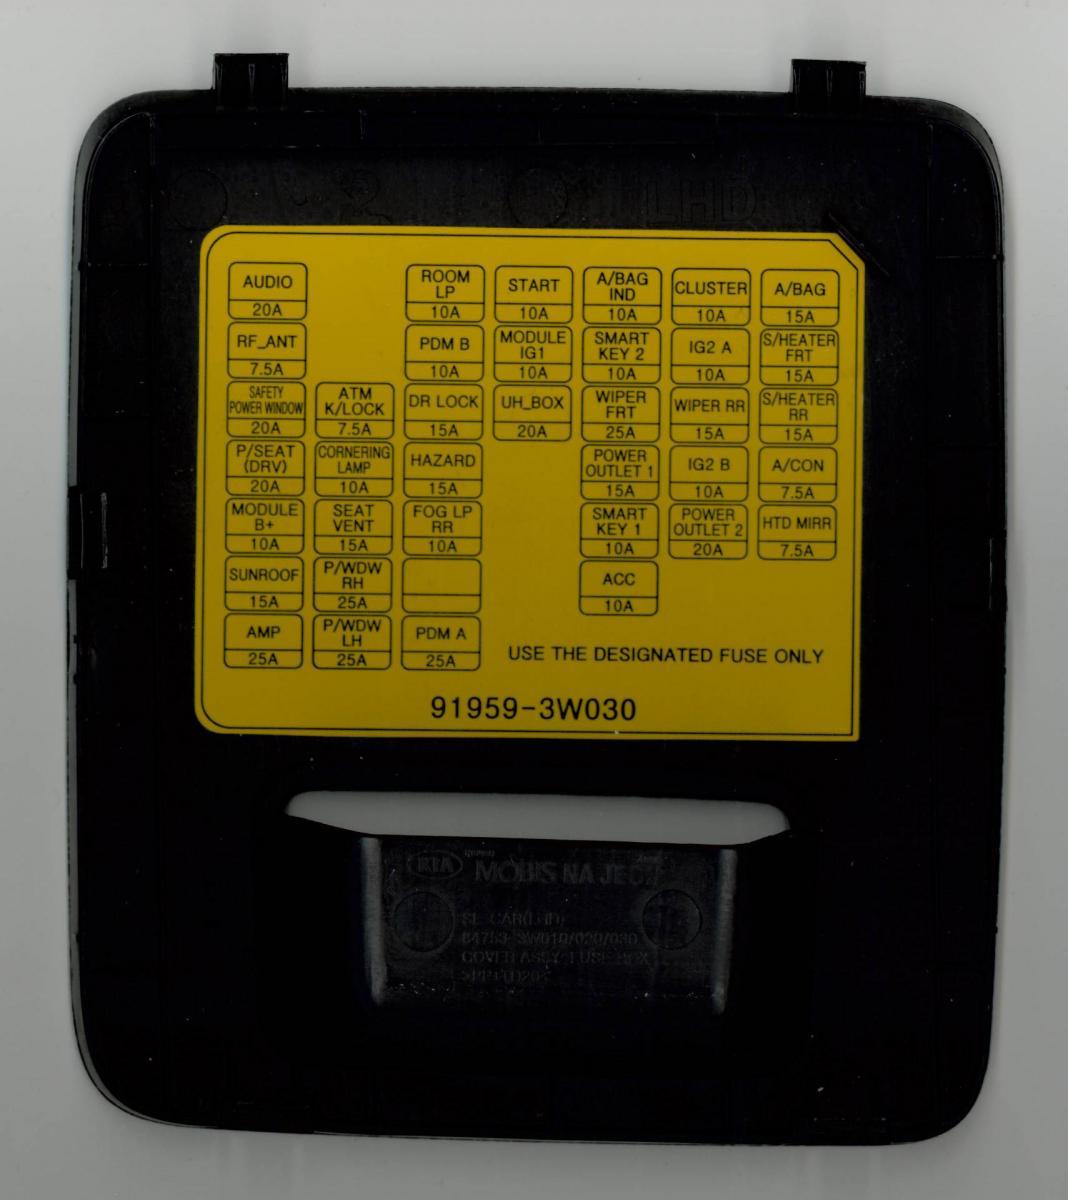 [SCHEMATICS_48EU]  Fuse Box - fuse Identification | Kia Forum | 2006 Kia Sorento Fuse Box |  | Kia Forum